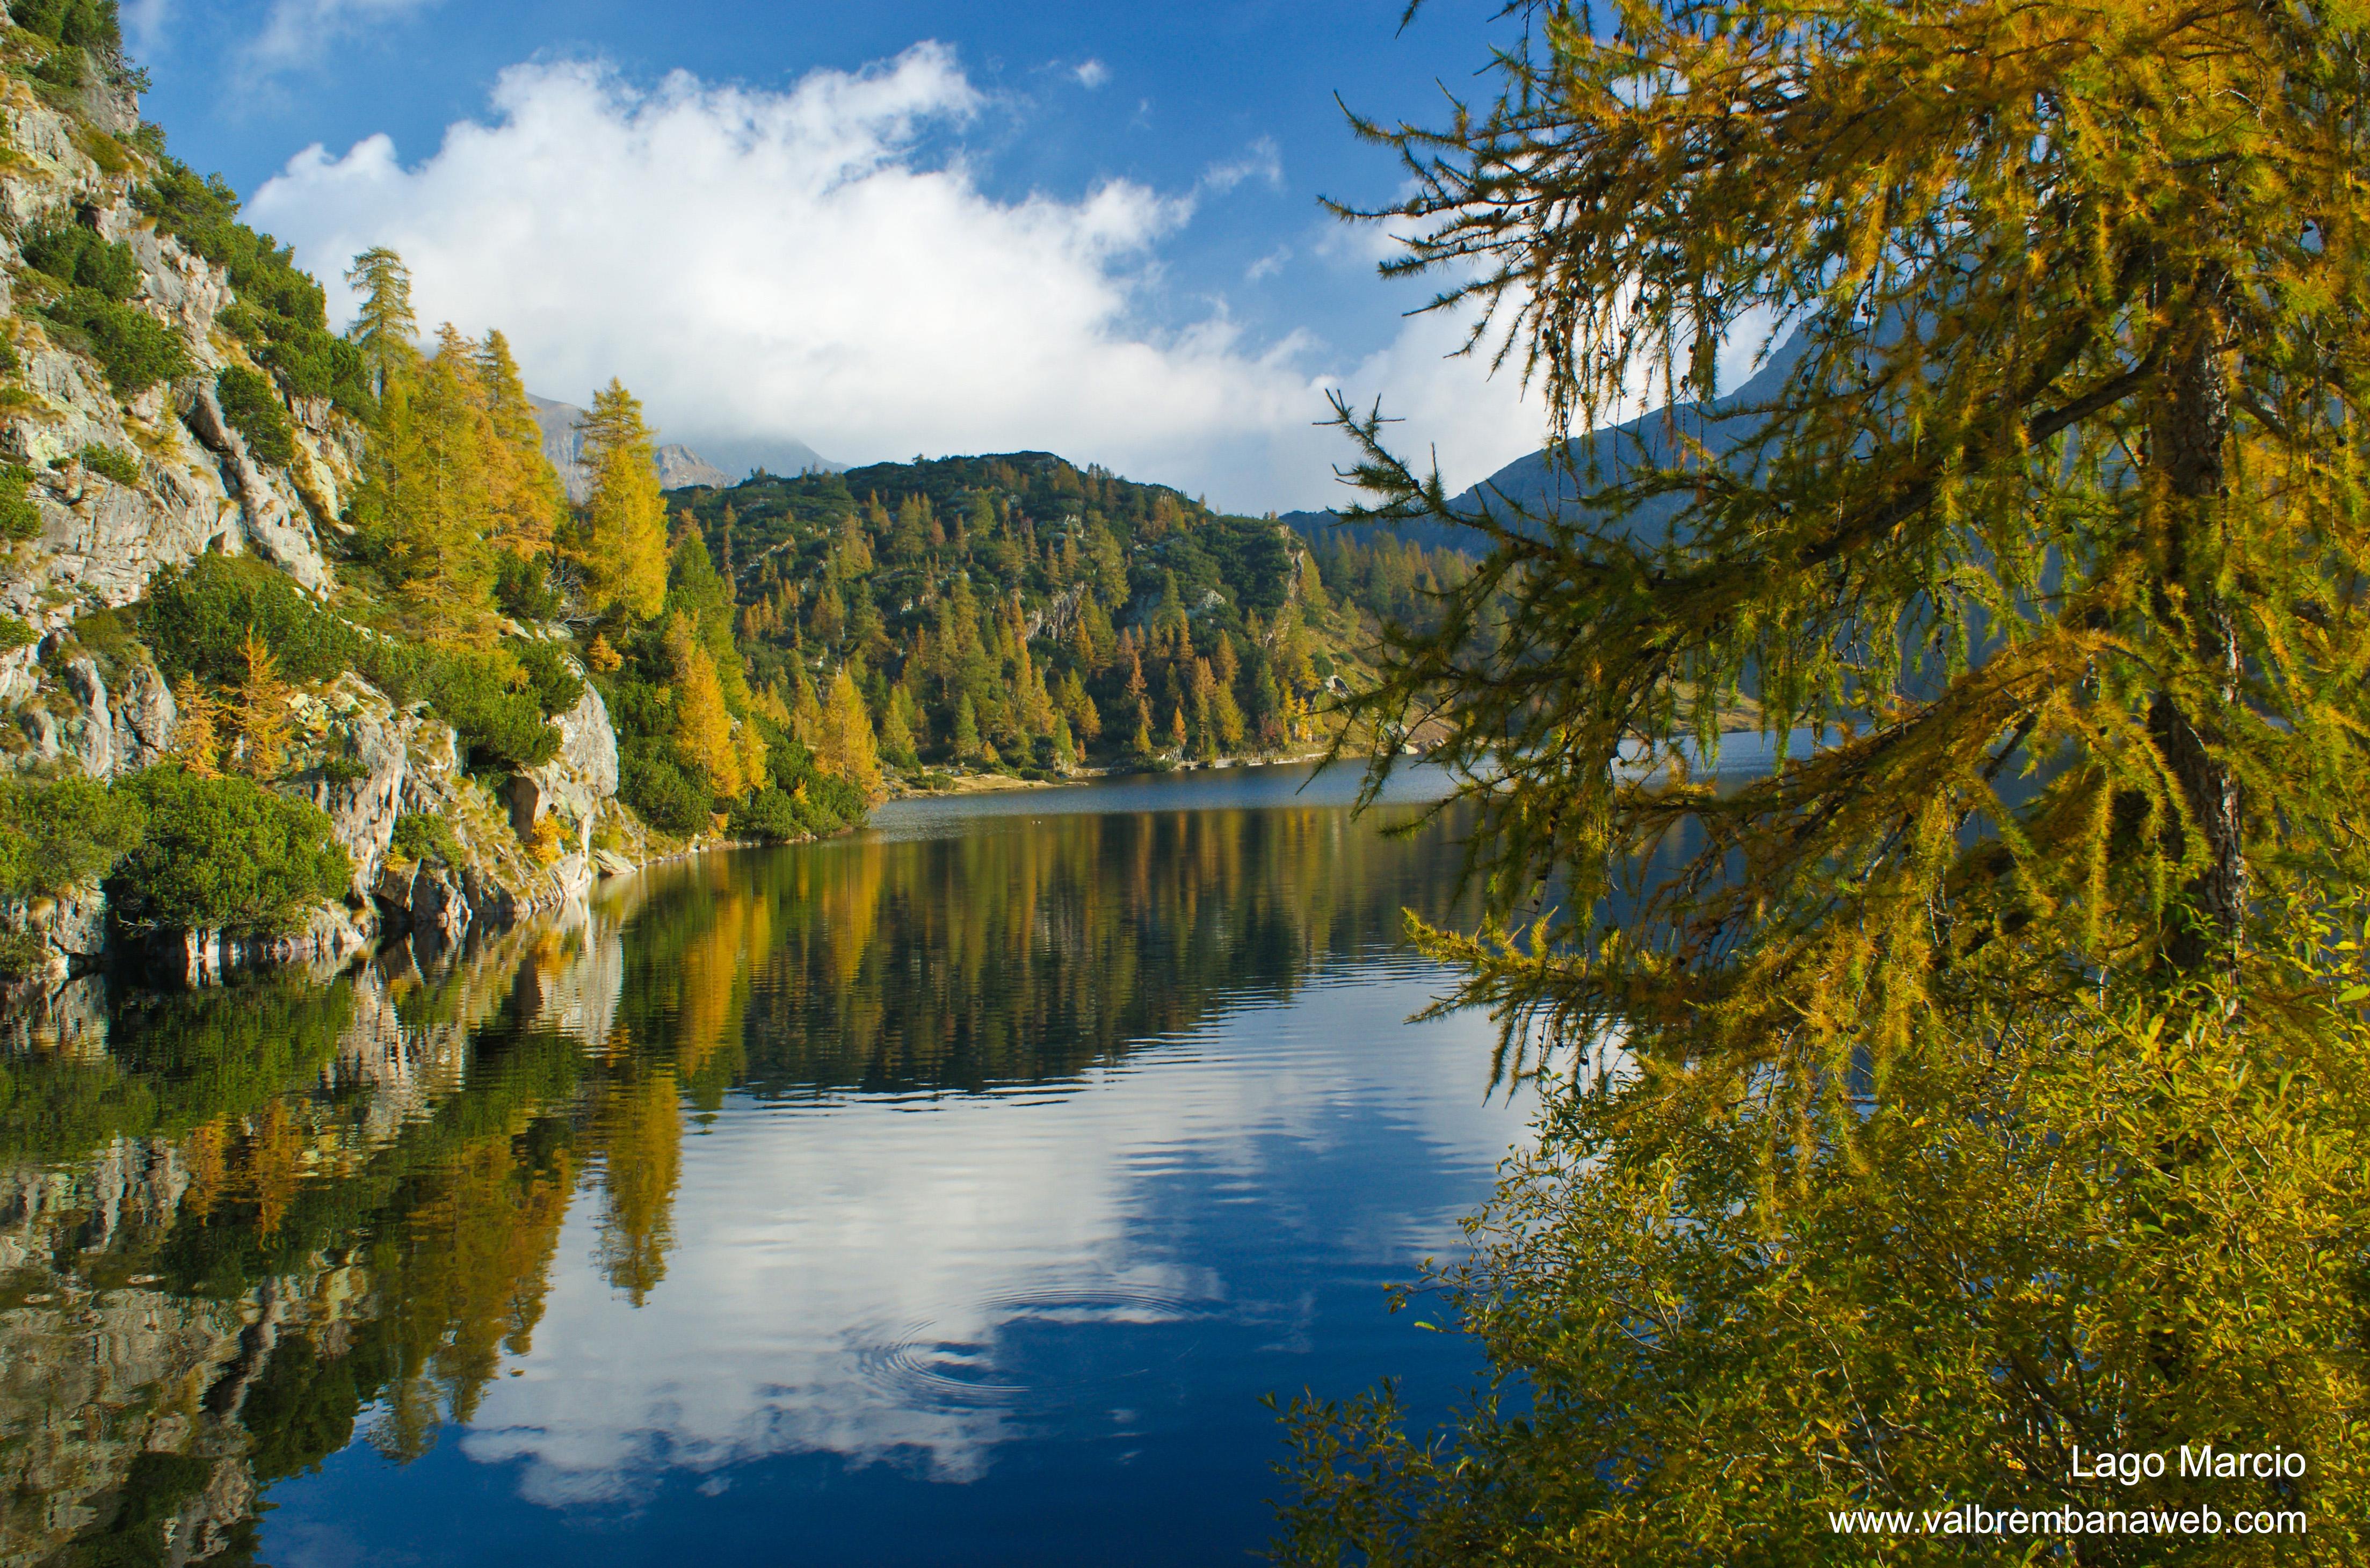 Valle brembana i colori autunnali dei laghetti alpini for Foto spettacolari per desktop